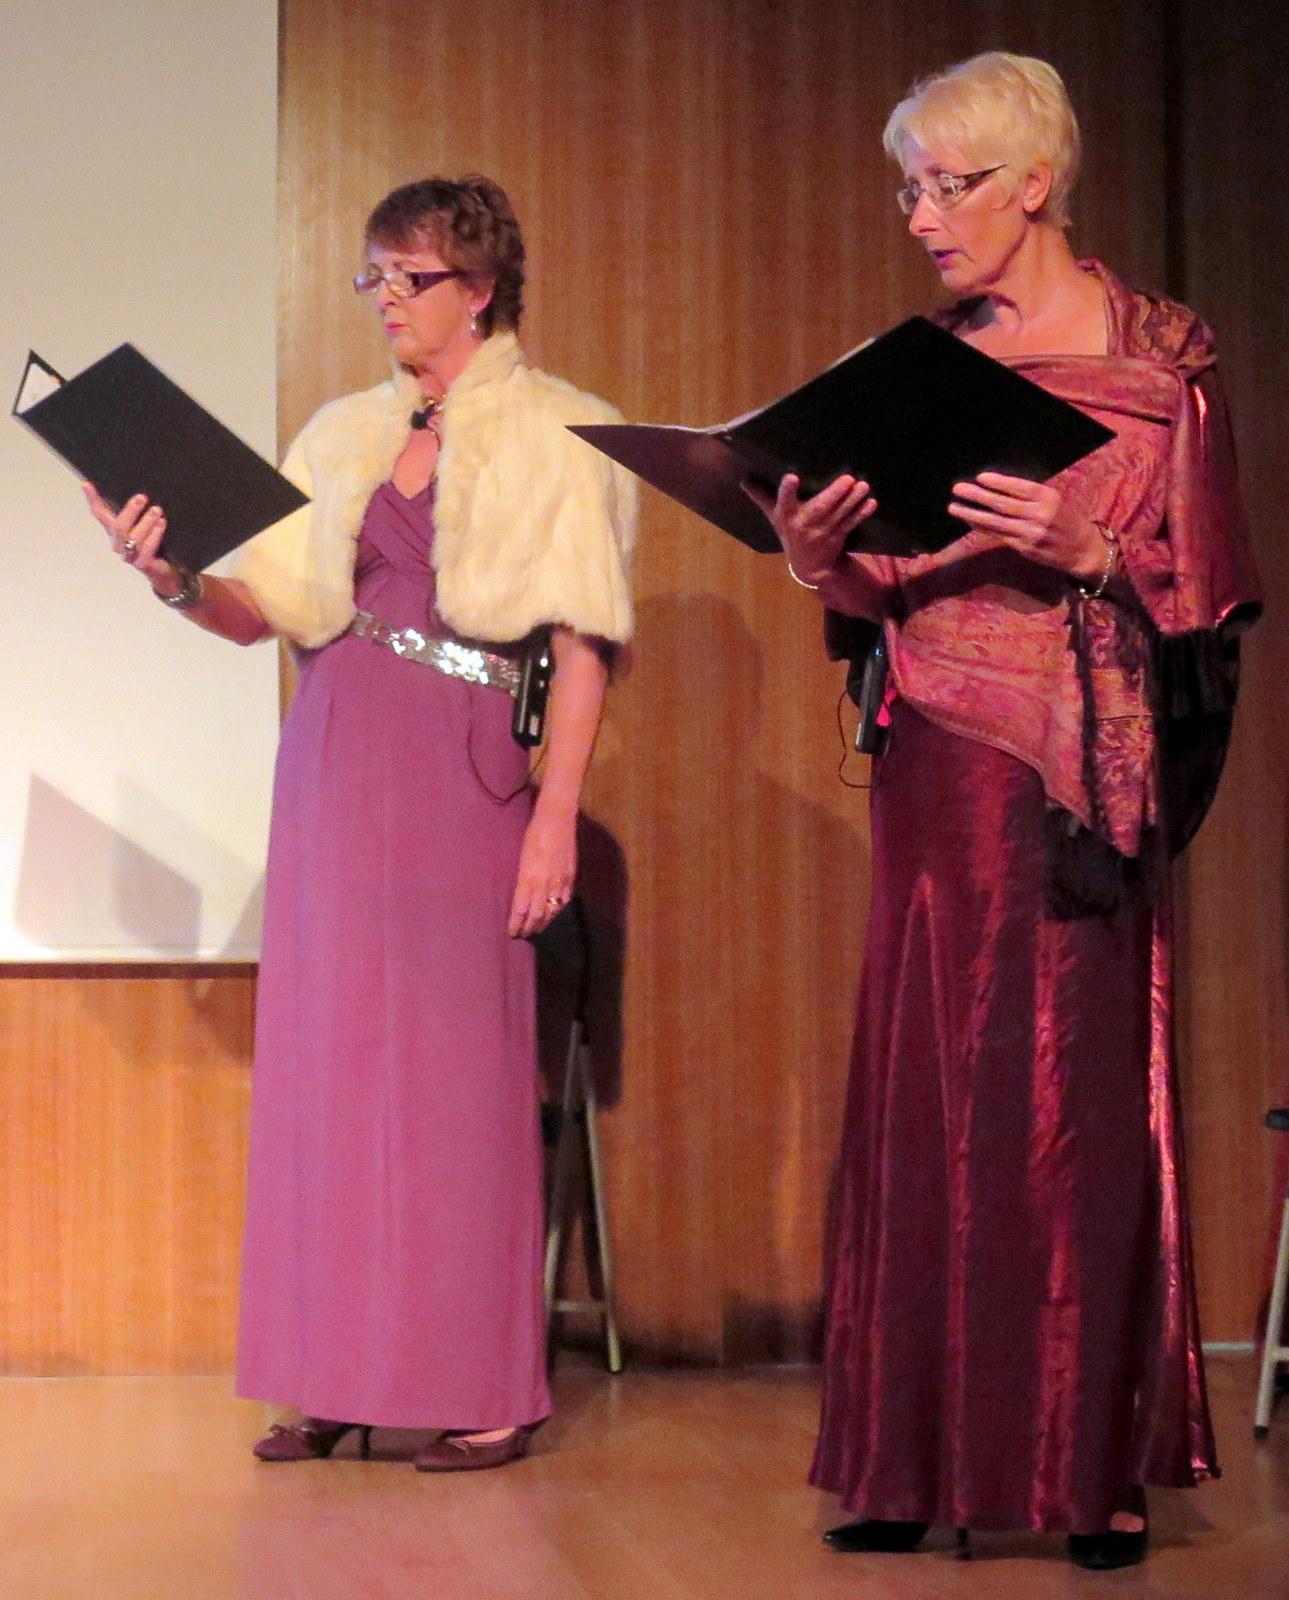 19-Linda and dee narrating